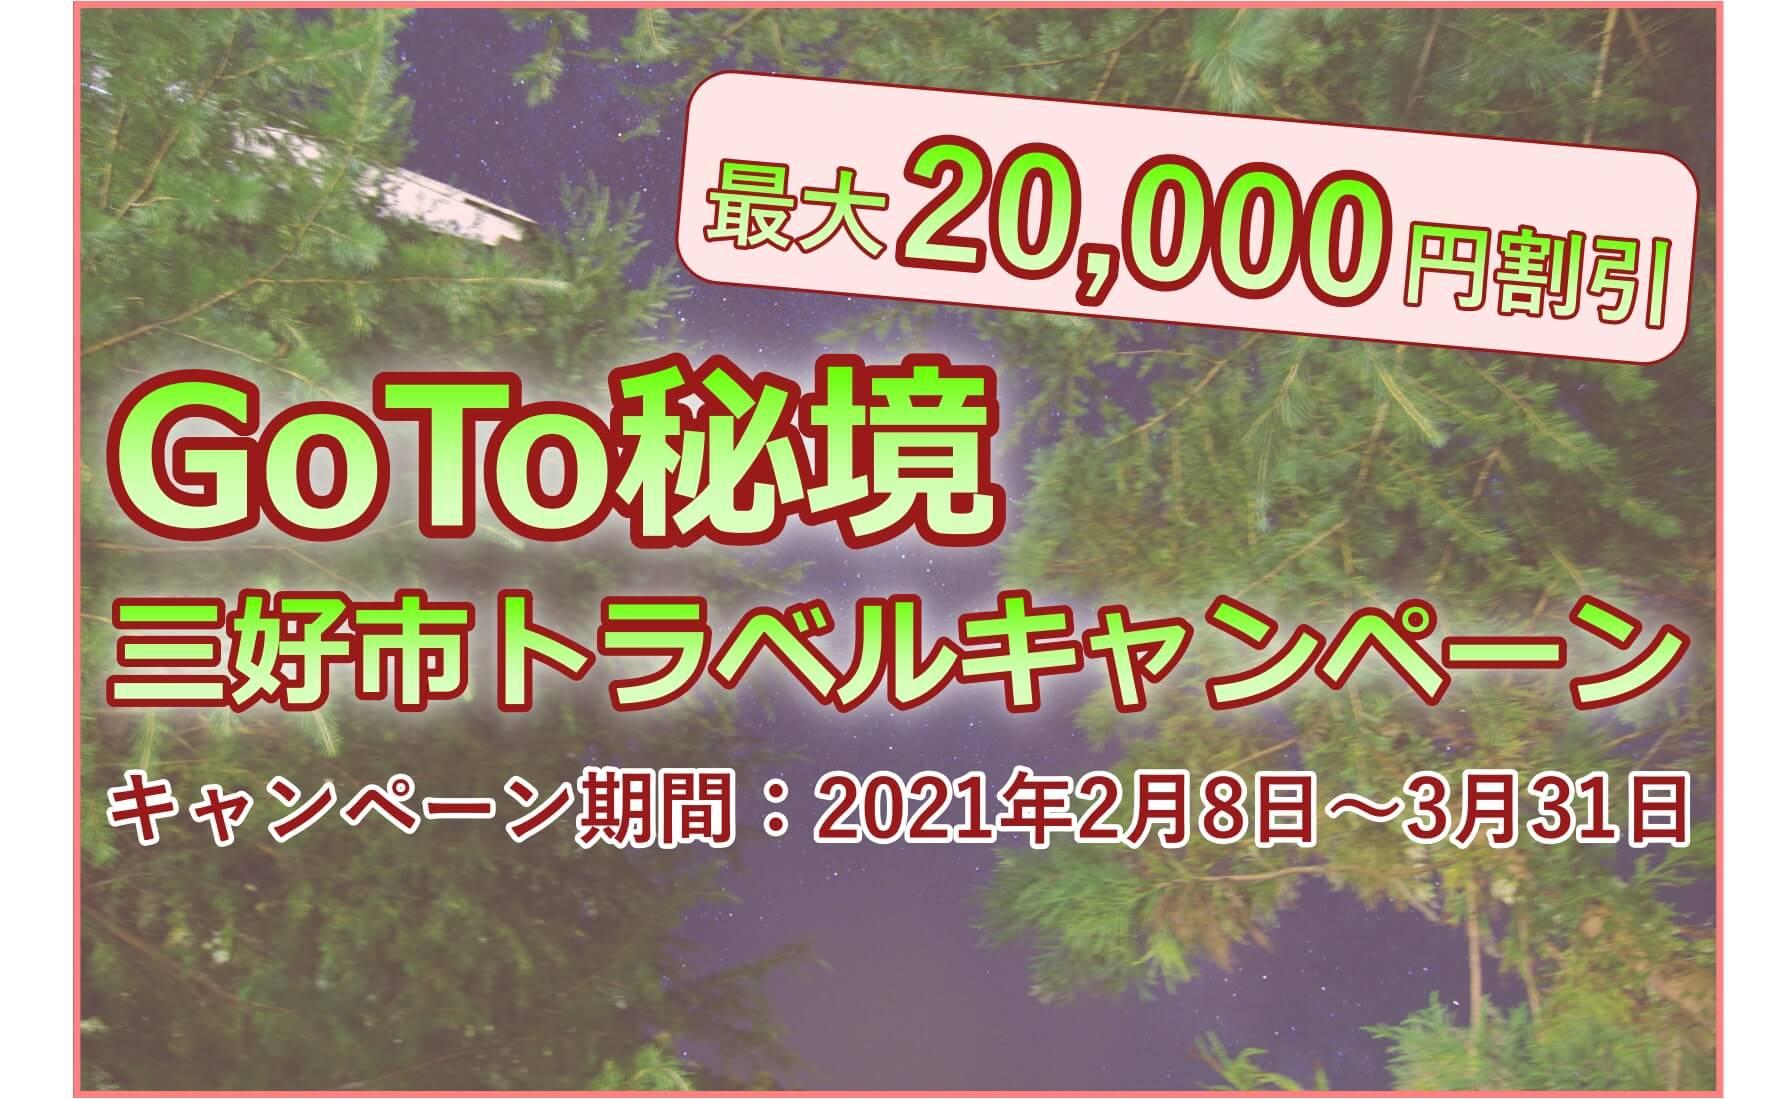 GoTo秘境三好市トラベルキャンペーン実施中です!